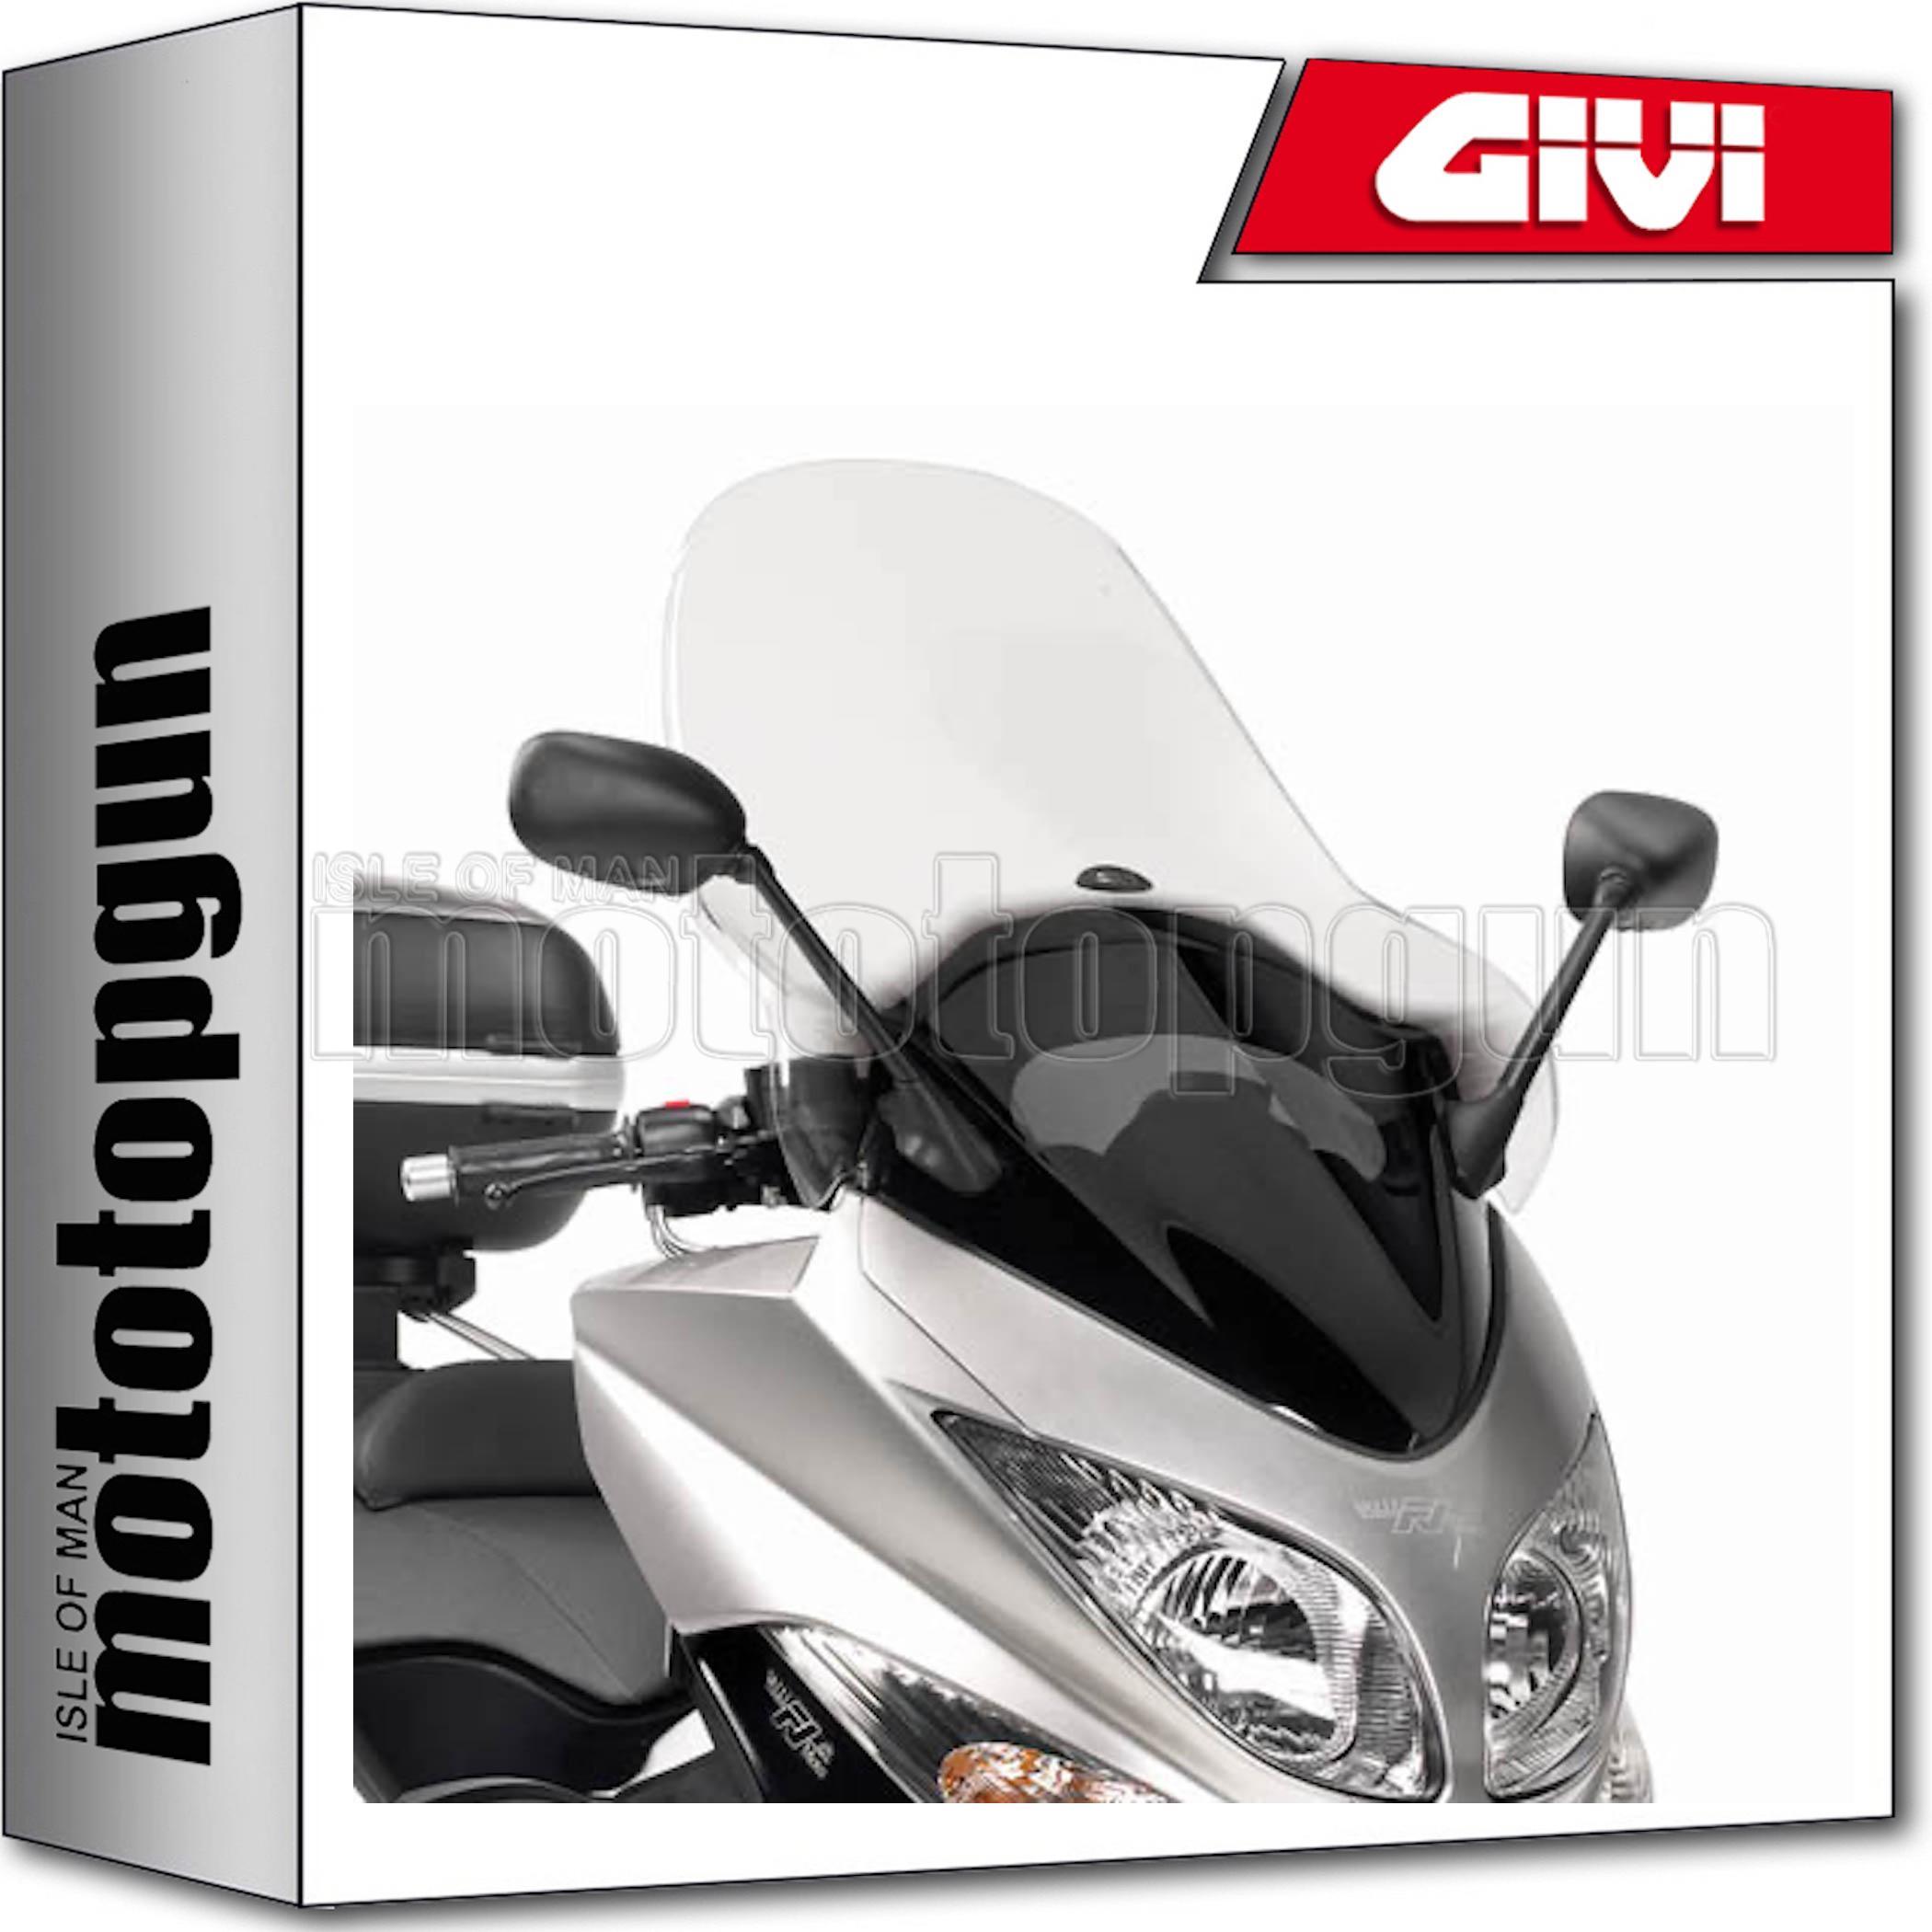 GIVI BULLE D442ST COMPATIBLE AVEC YAMAHA TMAX T-MAX 500 2008 08 2009 09 2010 10 2011 11